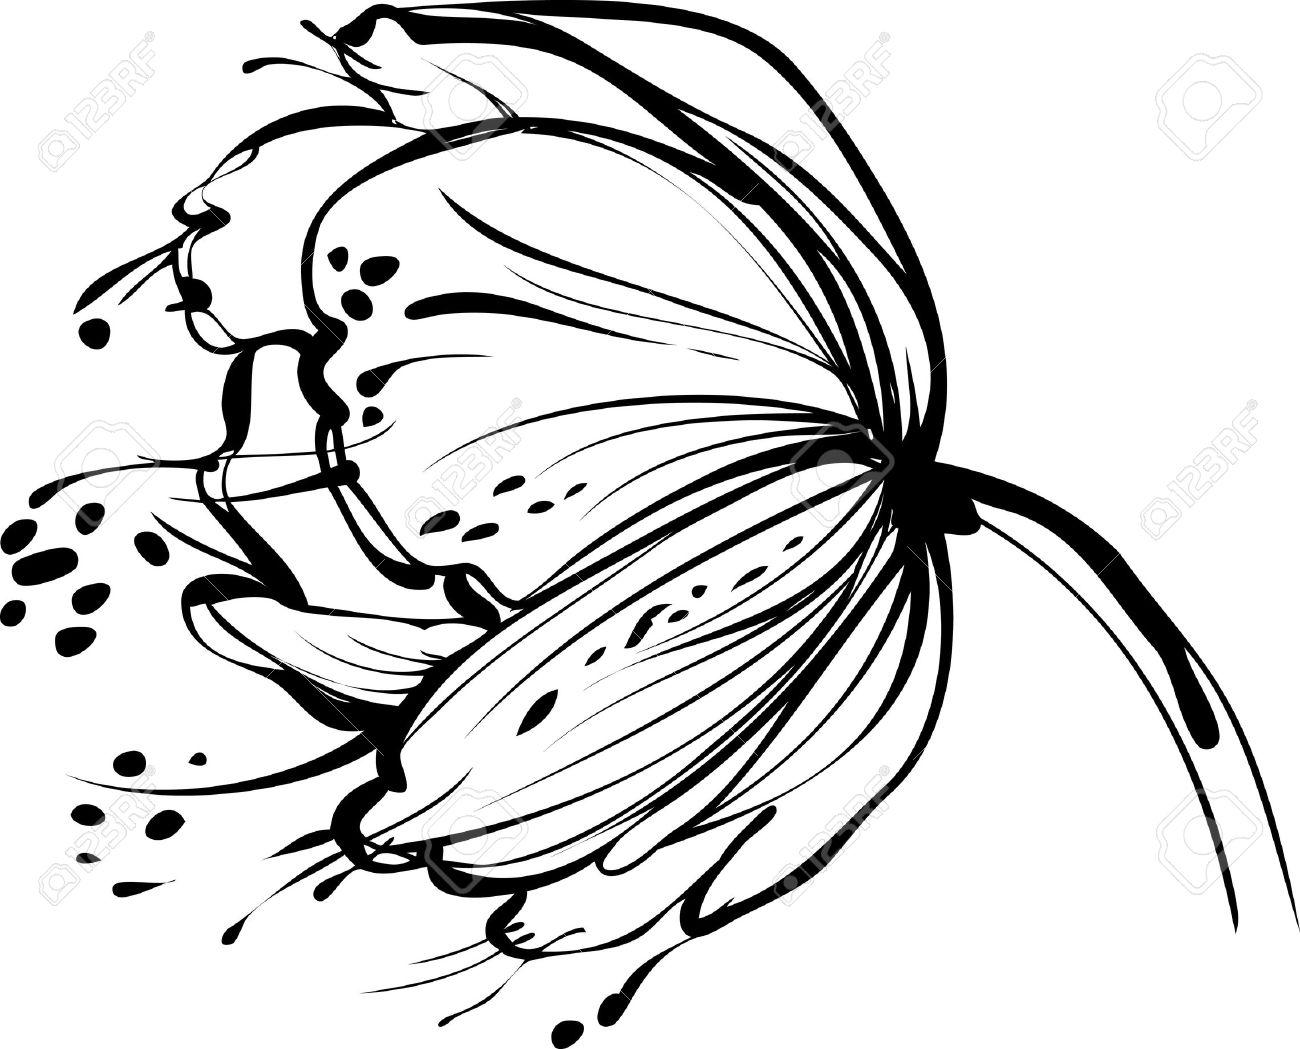 dessin fleur une image de la nature blanc bourgeon floral Illustration